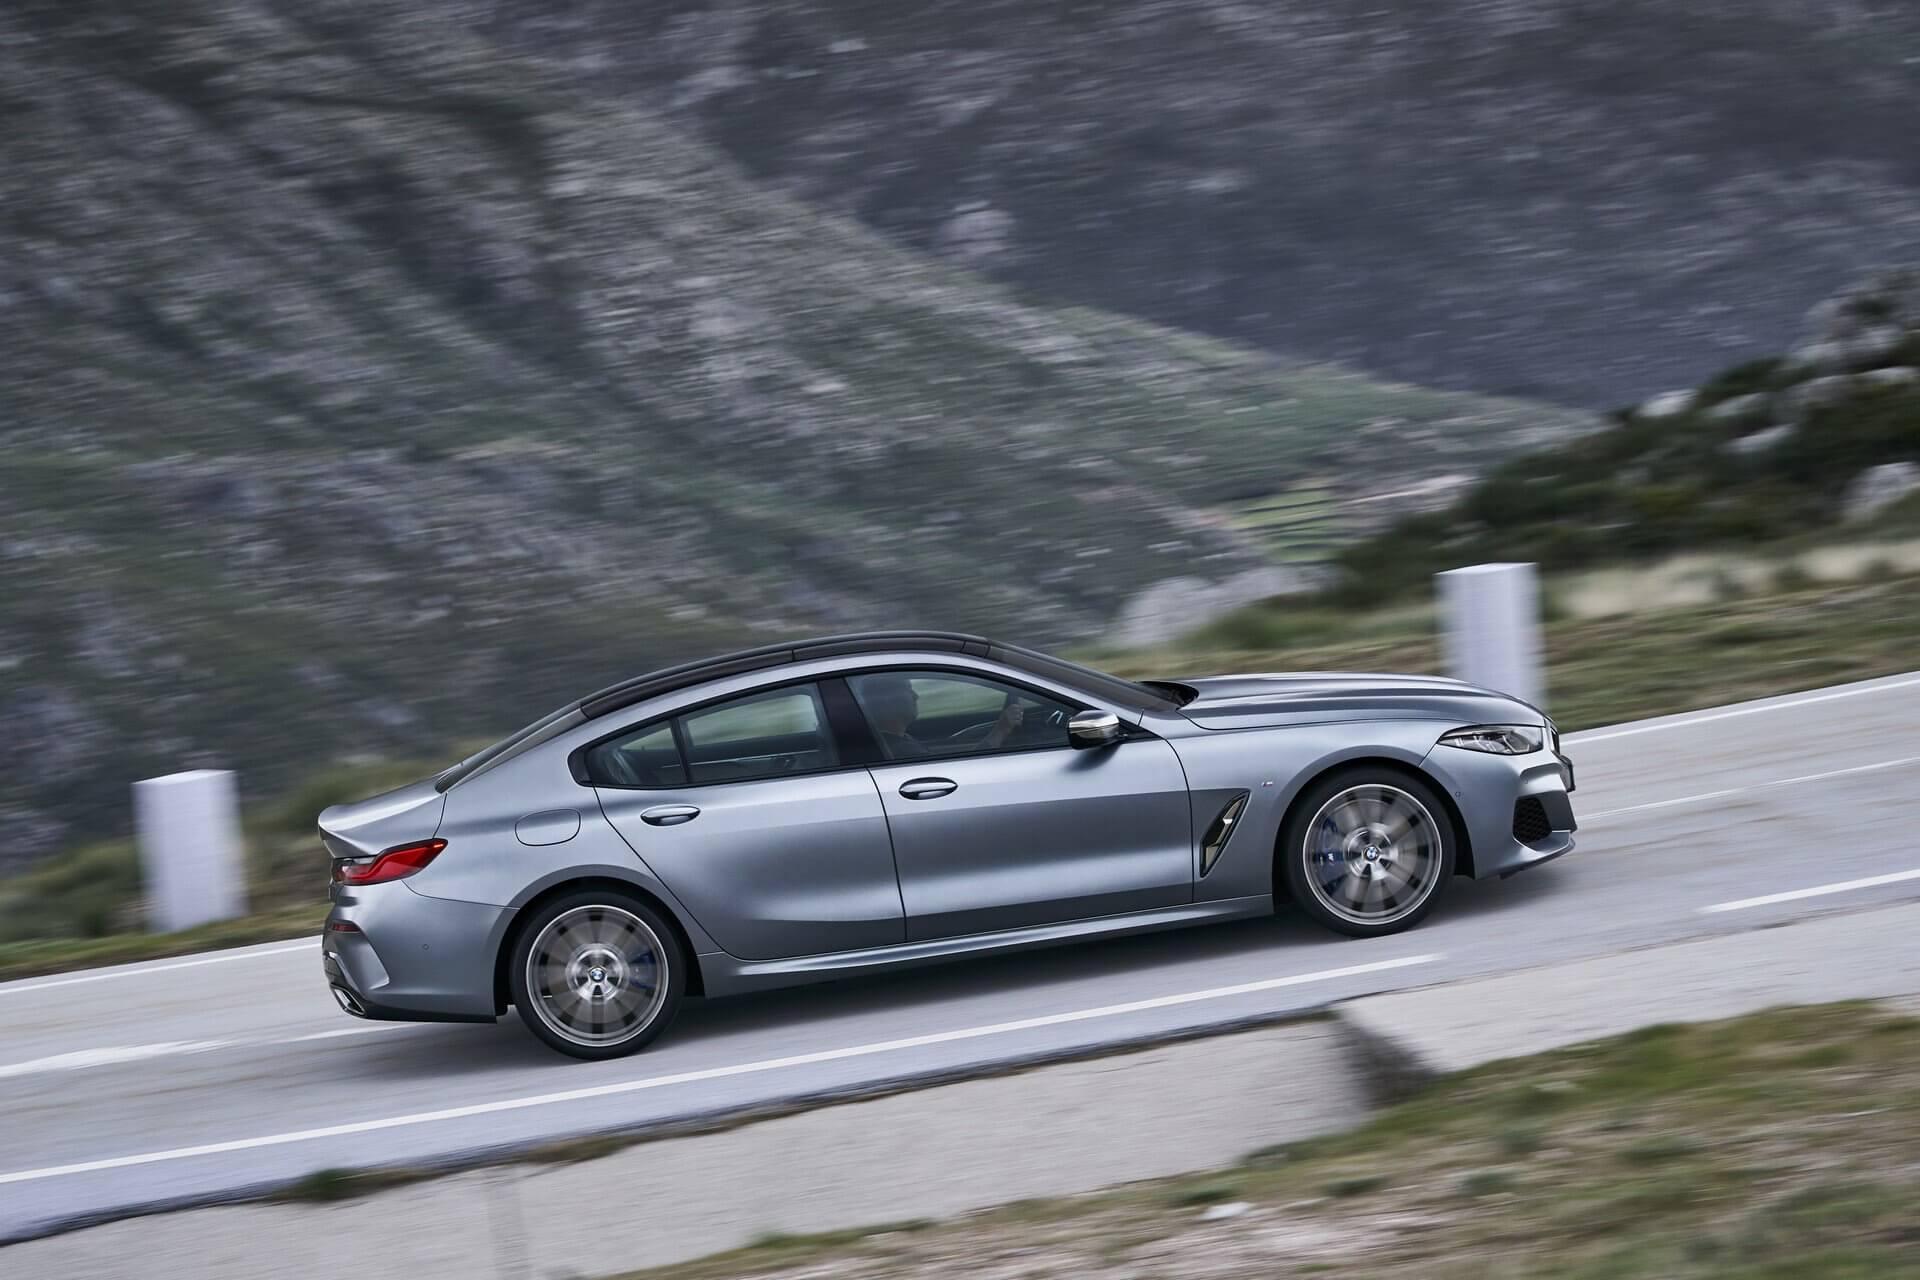 danh-gia-xe-bmw-840i-gran-coupe-2021-giaxehoi-vn-1